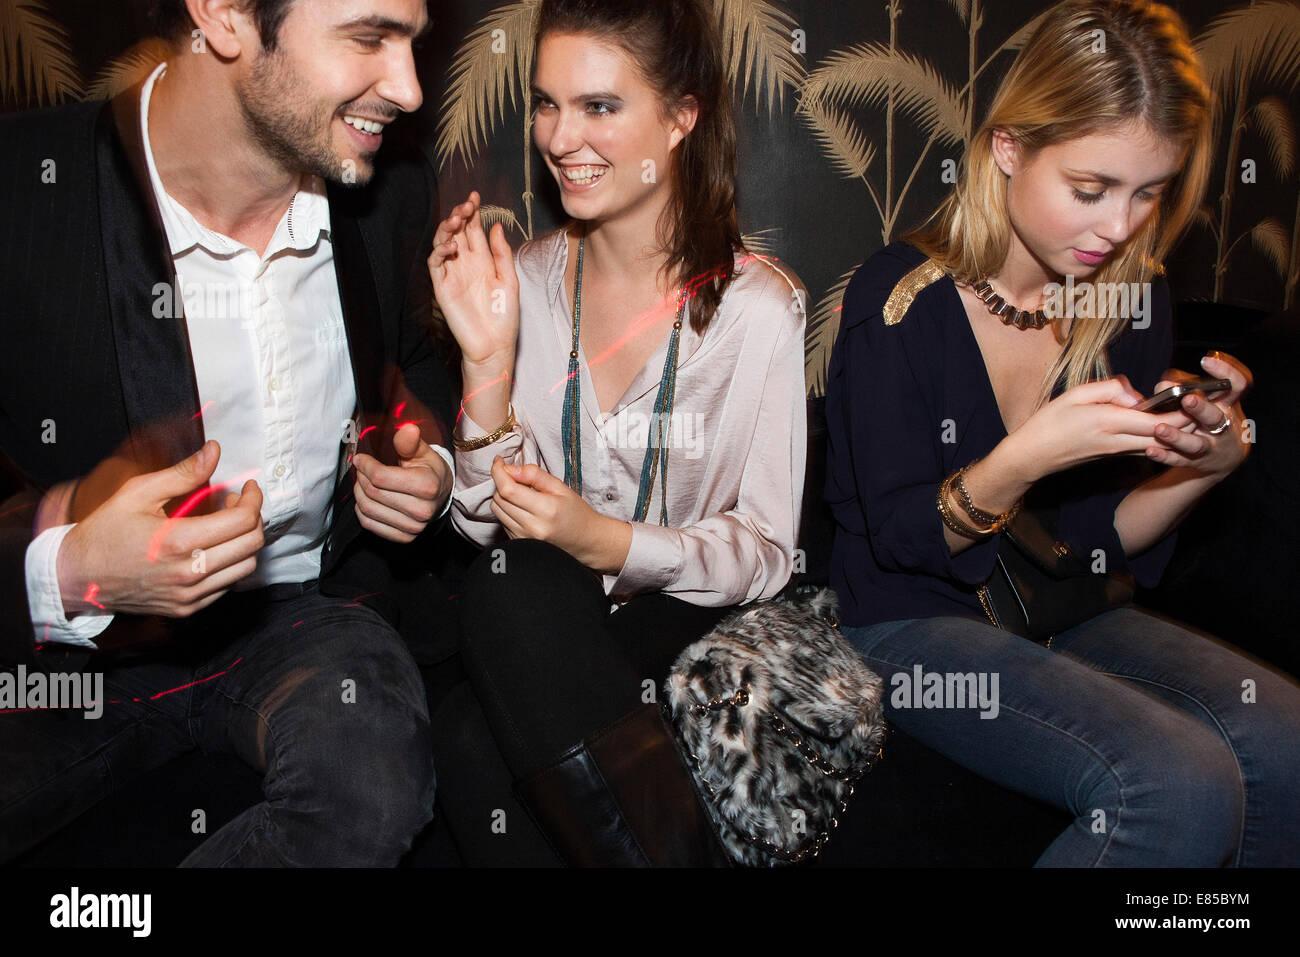 Los adultos jóvenes socializar en night club Foto de stock